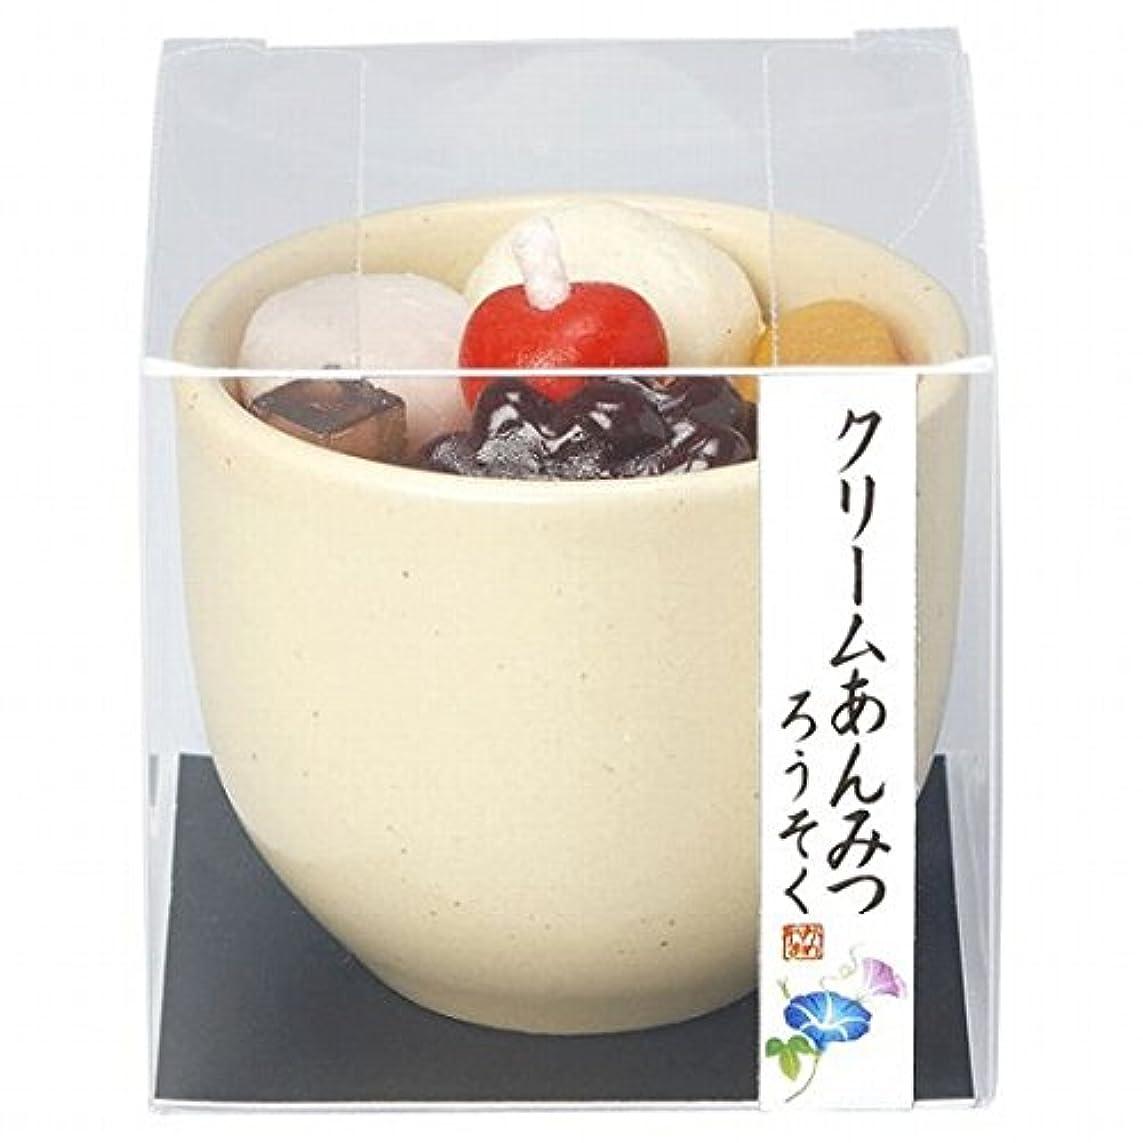 世論調査したいネットカメヤマキャンドル( kameyama candle ) クリームあんみつキャンドル